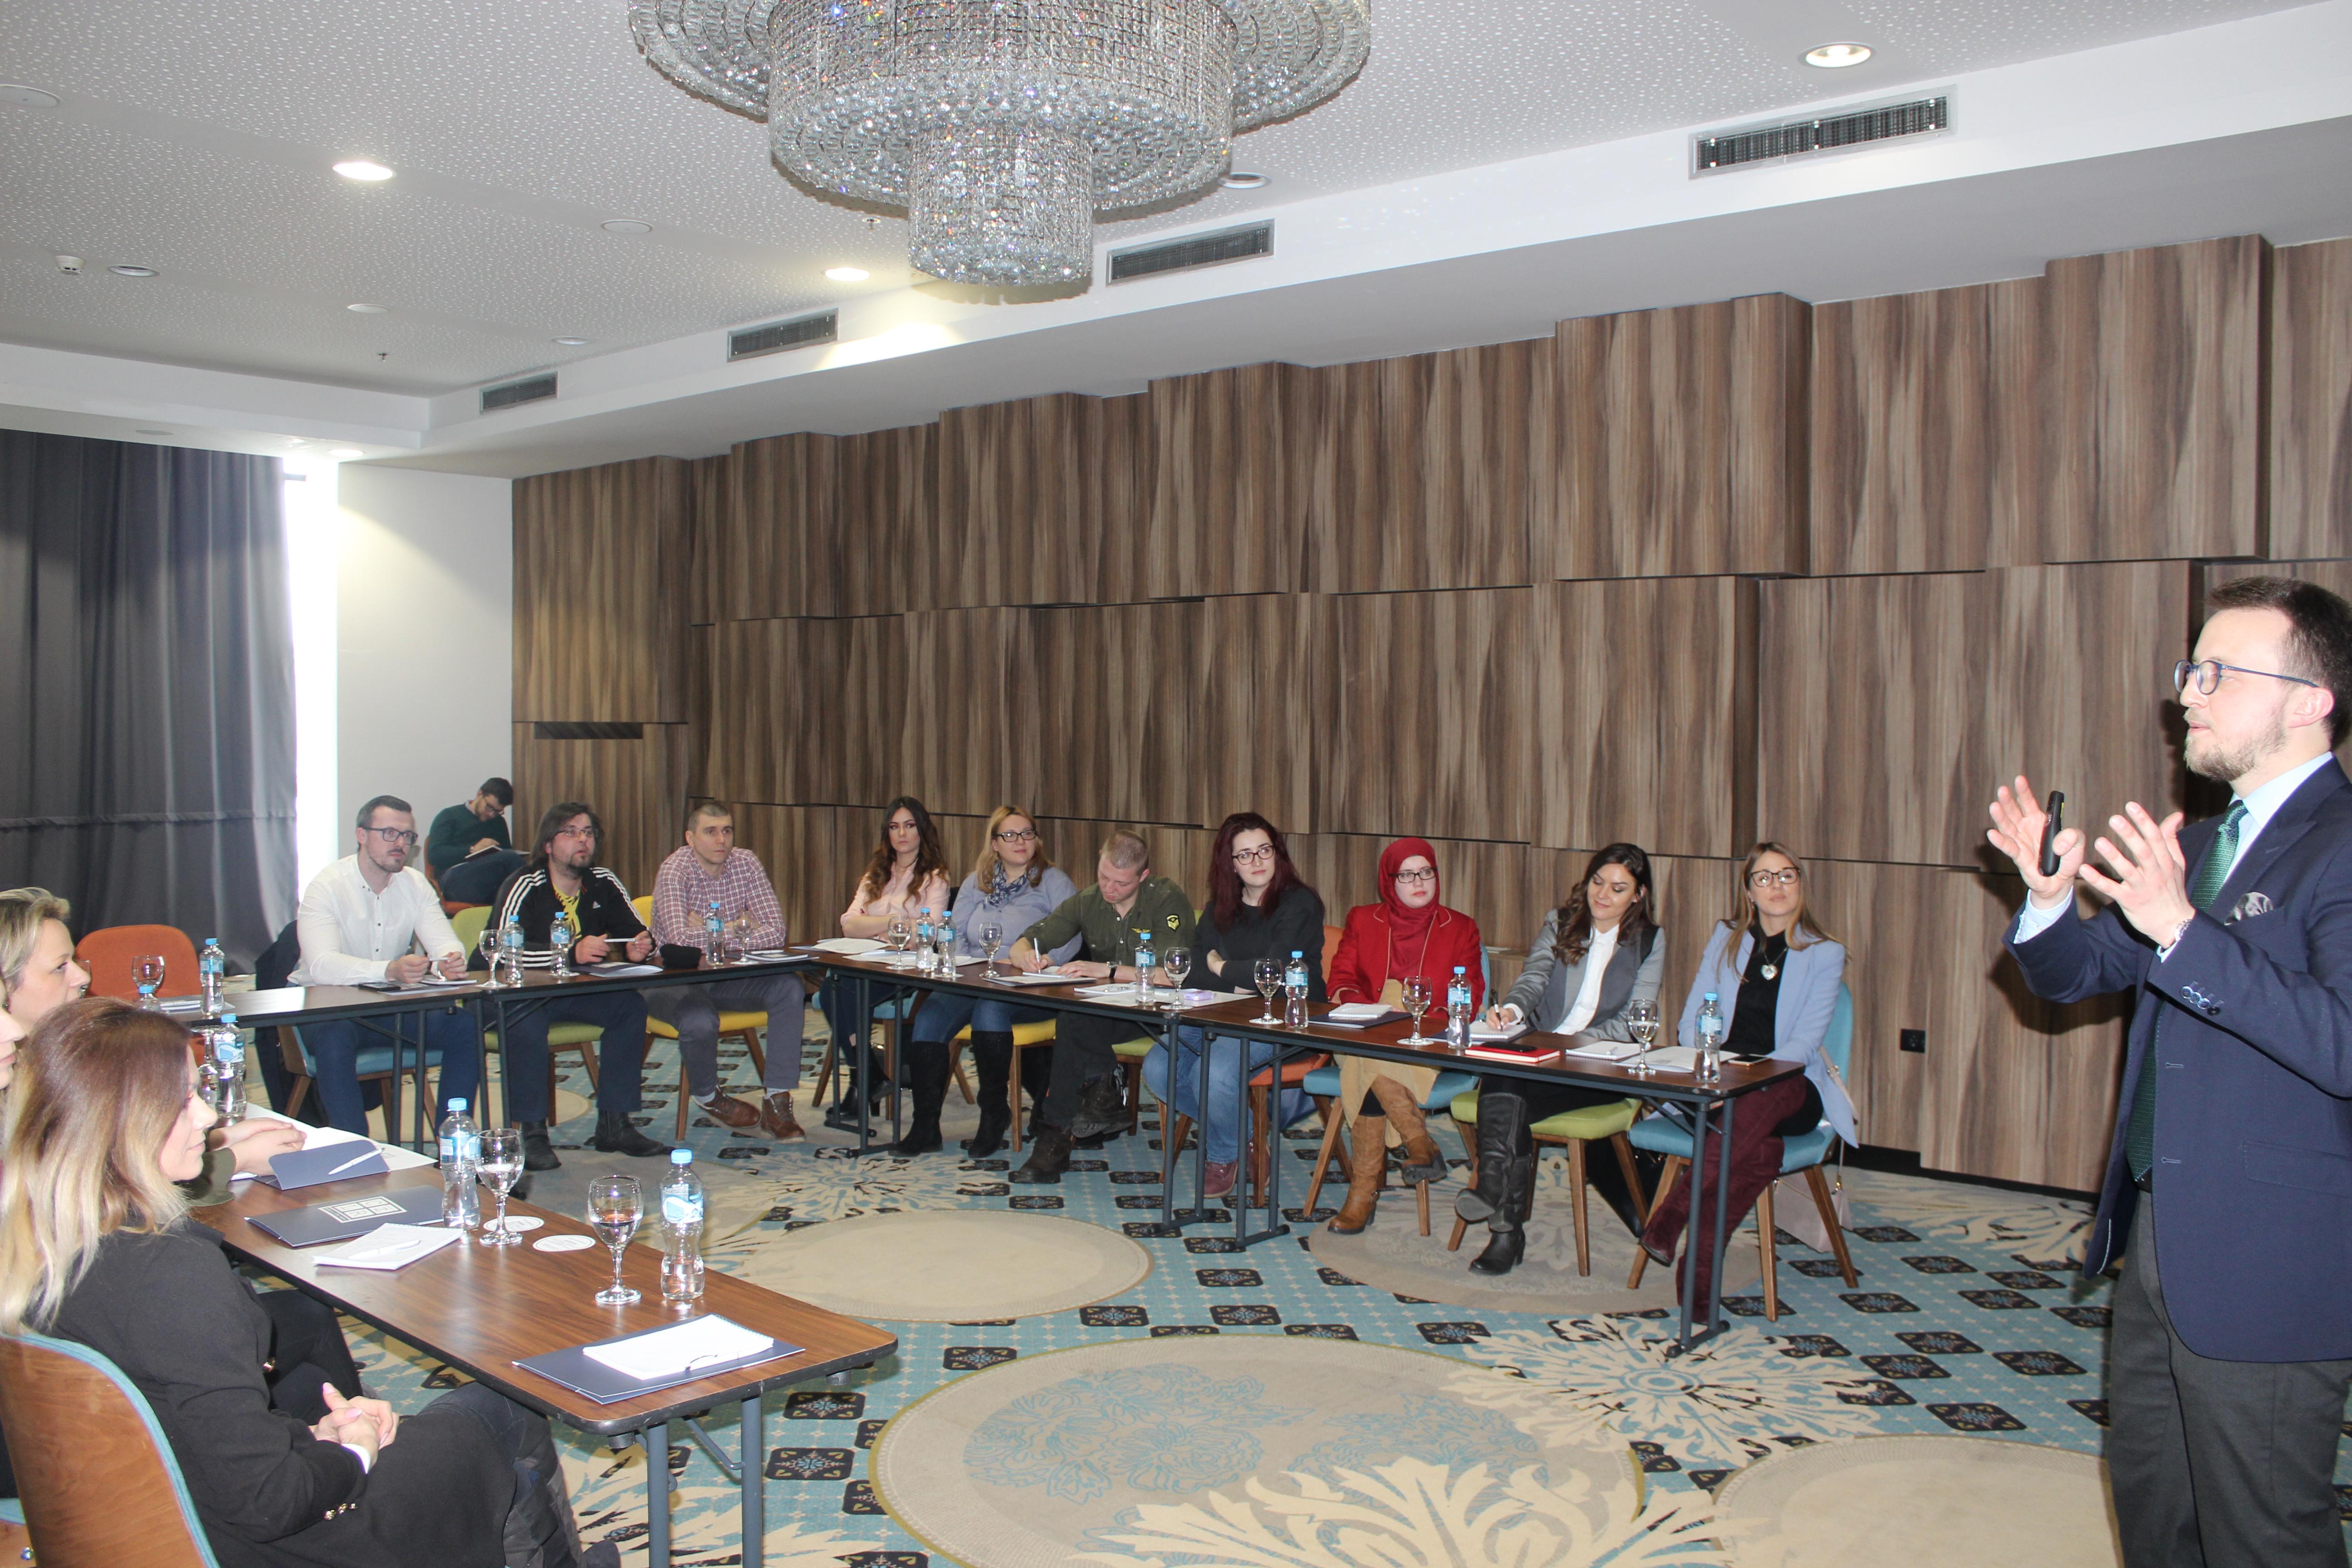 CaDa saradnici na treningu o javnom nastupu 2